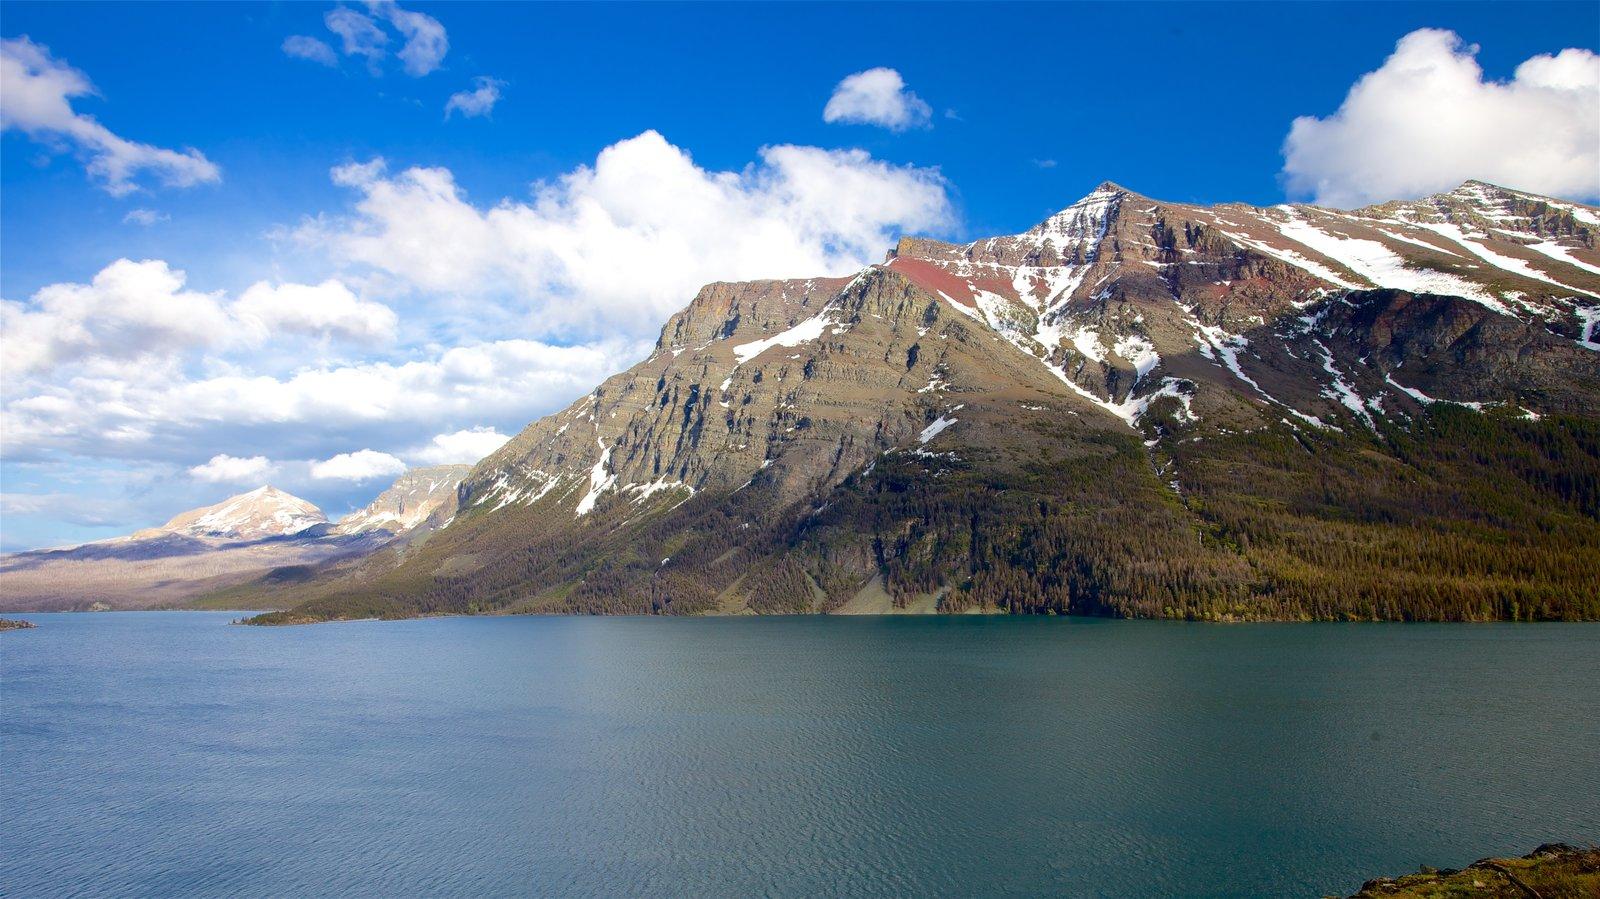 St. Mary Lake mostrando montañas, vistas de paisajes y escenas tranquilas